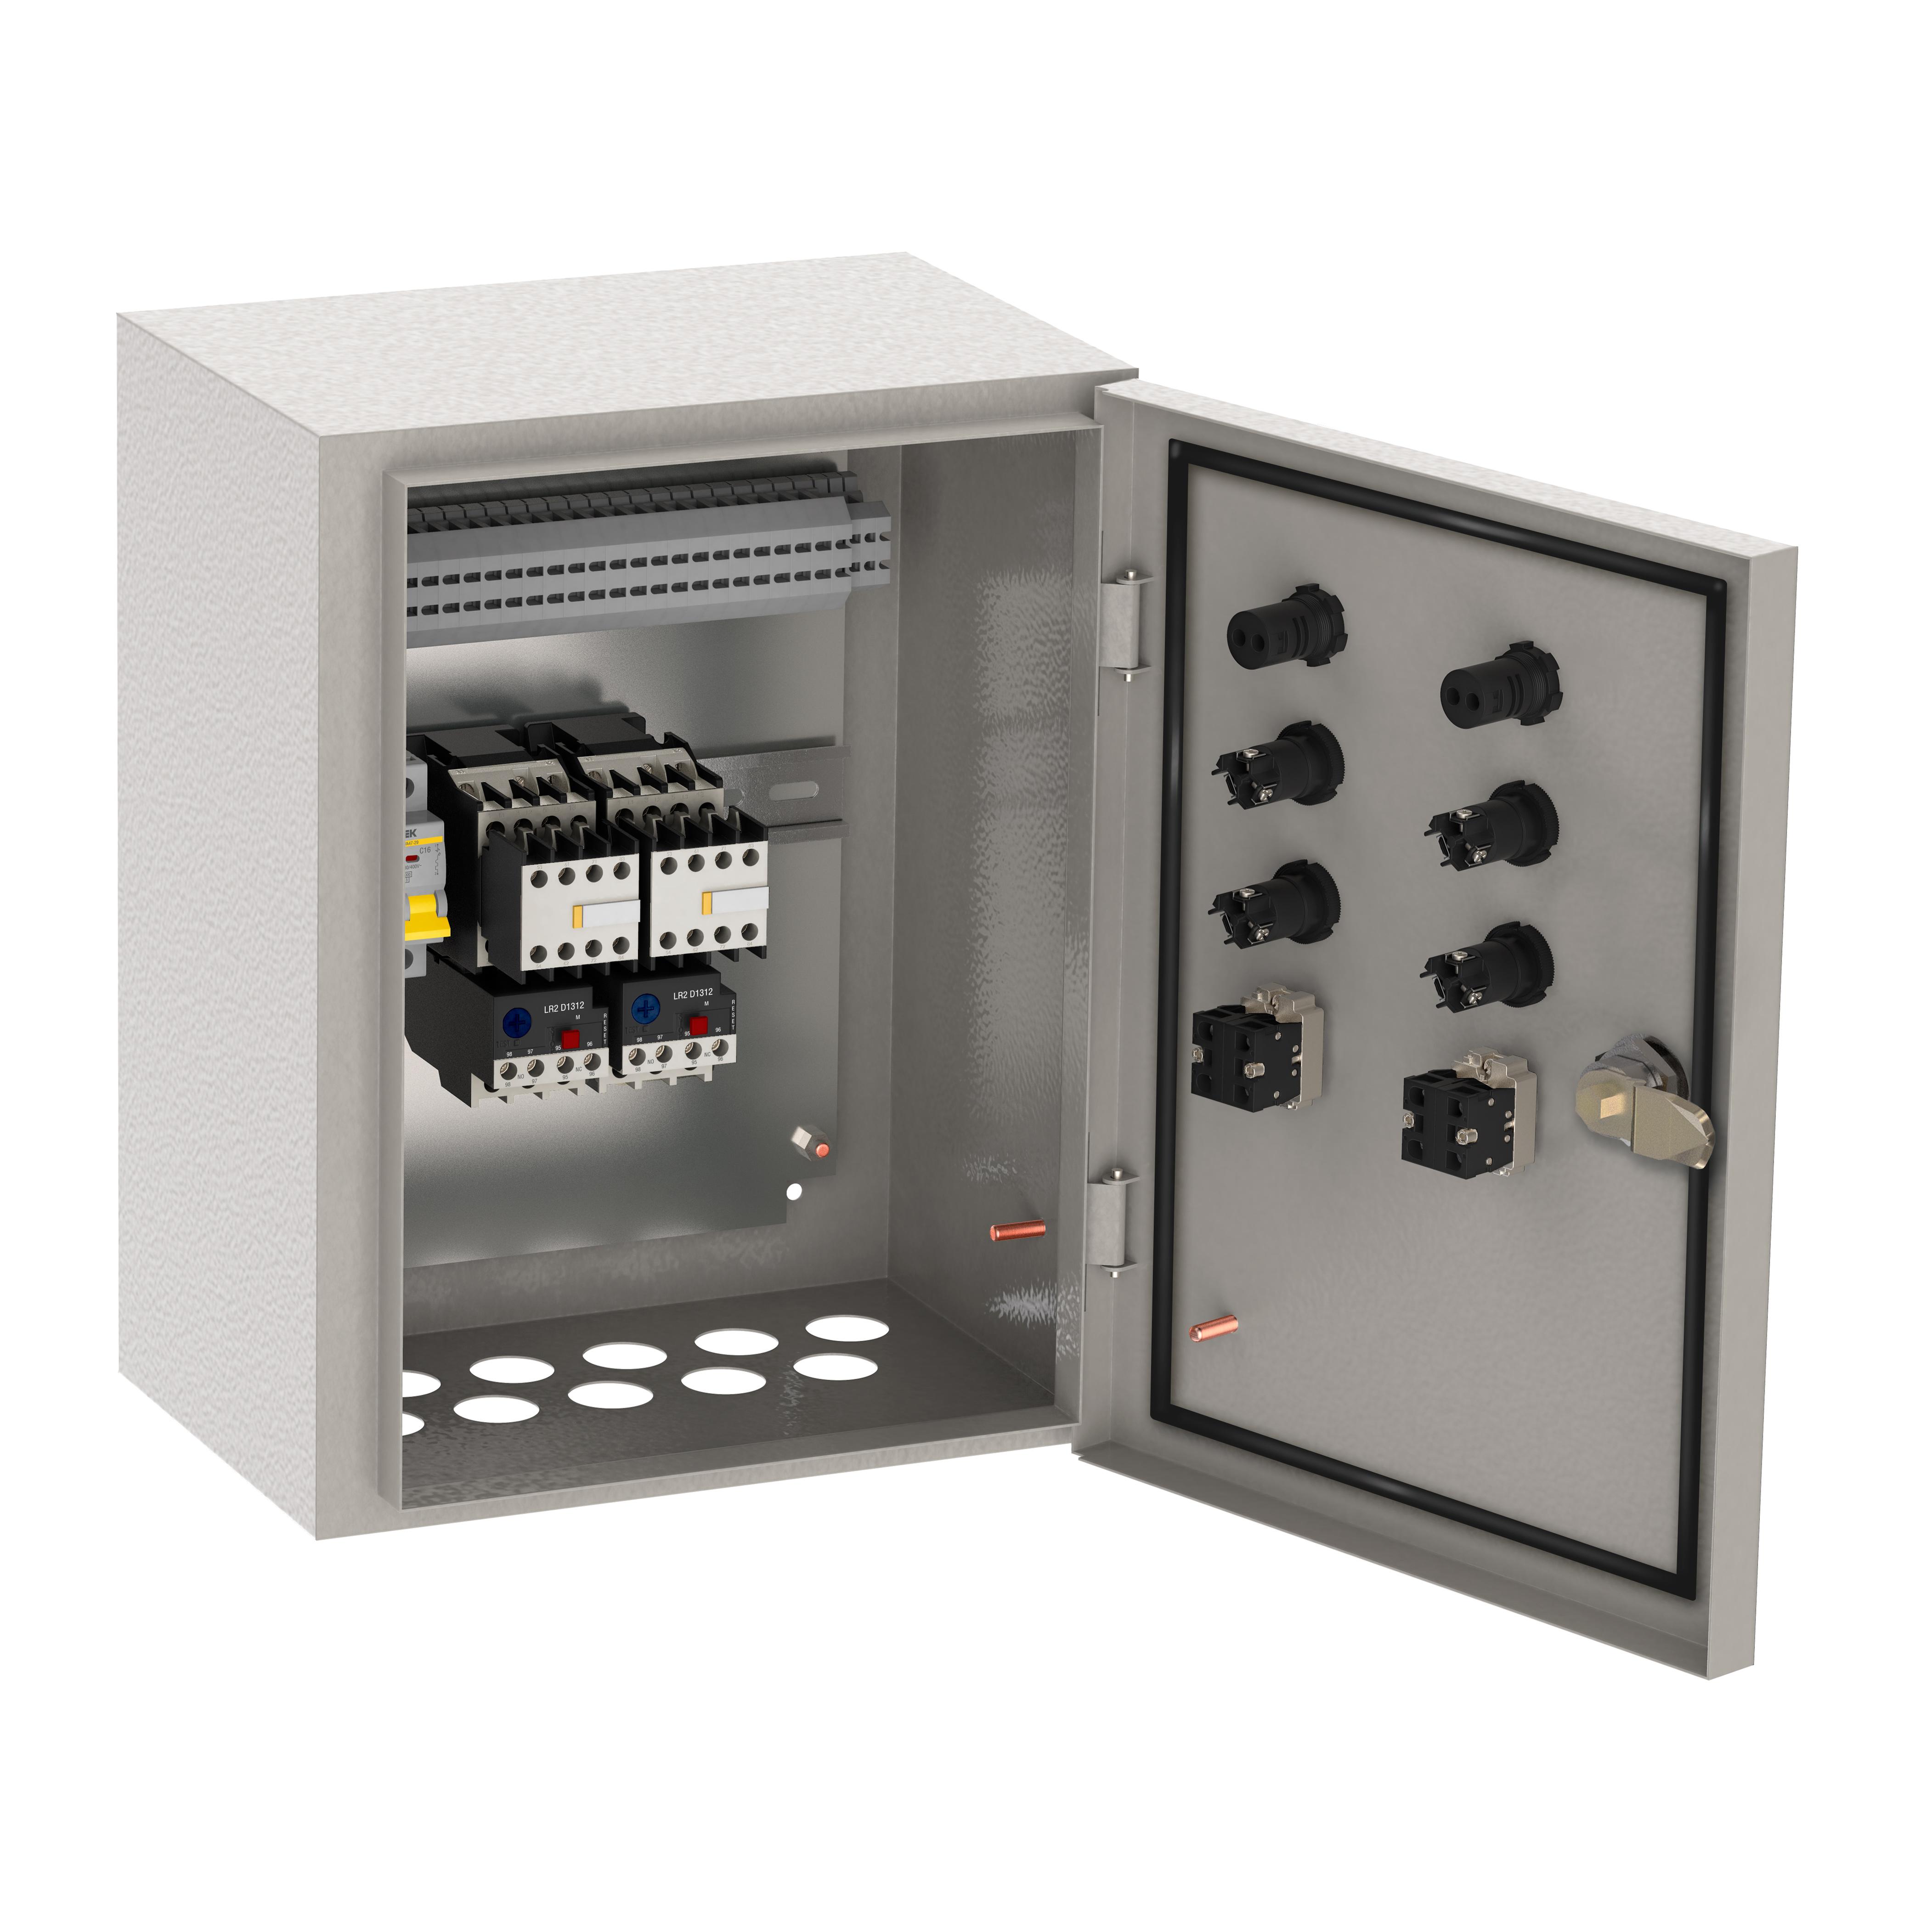 Ящик управления РУСМ5119-2974 нереверсивный 3 фидера автоматический выключатель на каждый фидер с переключателем на автоматический режим 8А IP54 IEK